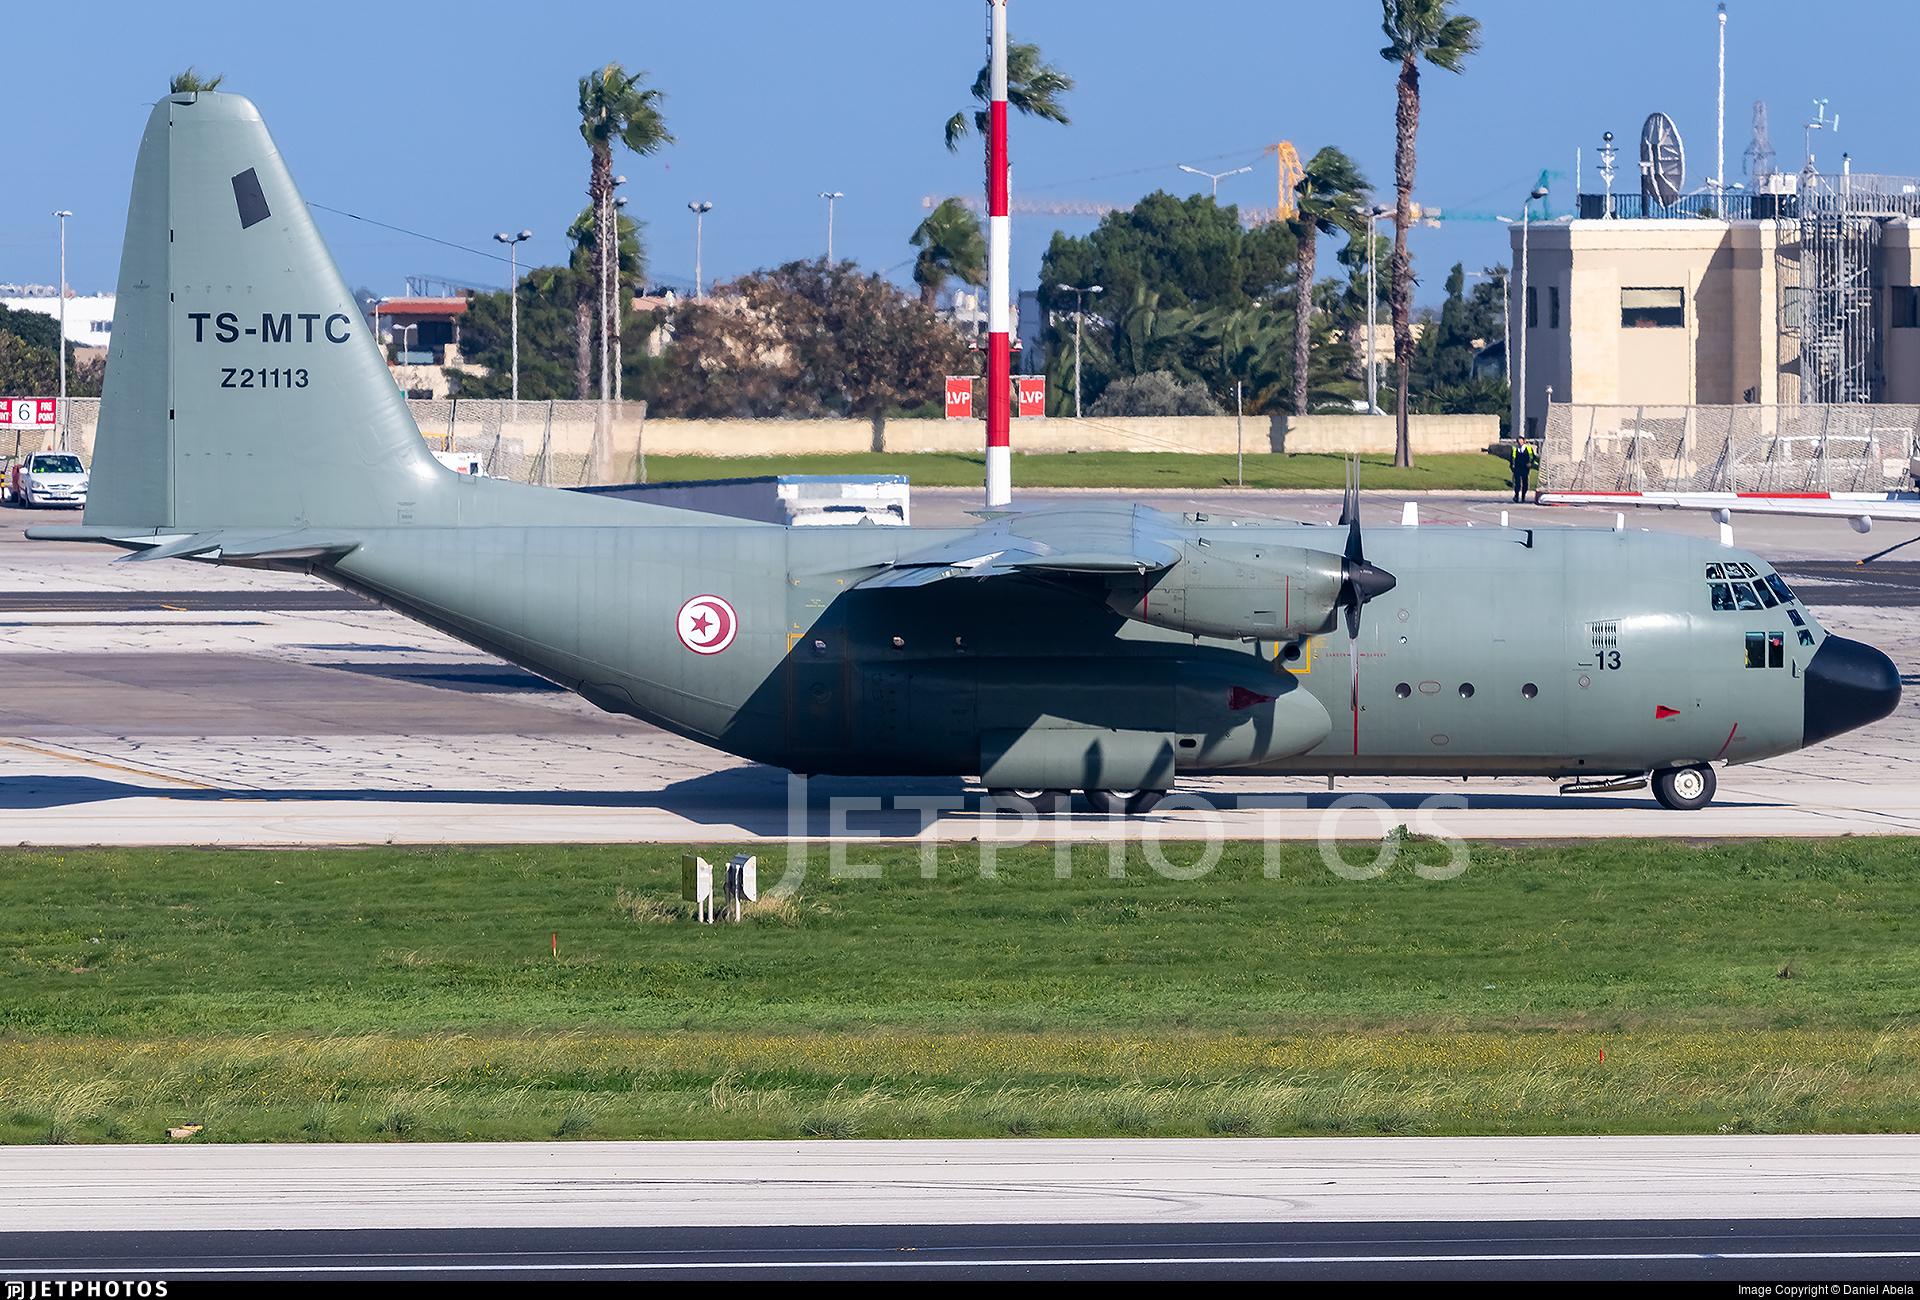 Z21113 - Lockheed C-130B Hercules - Tunisia - Air Force